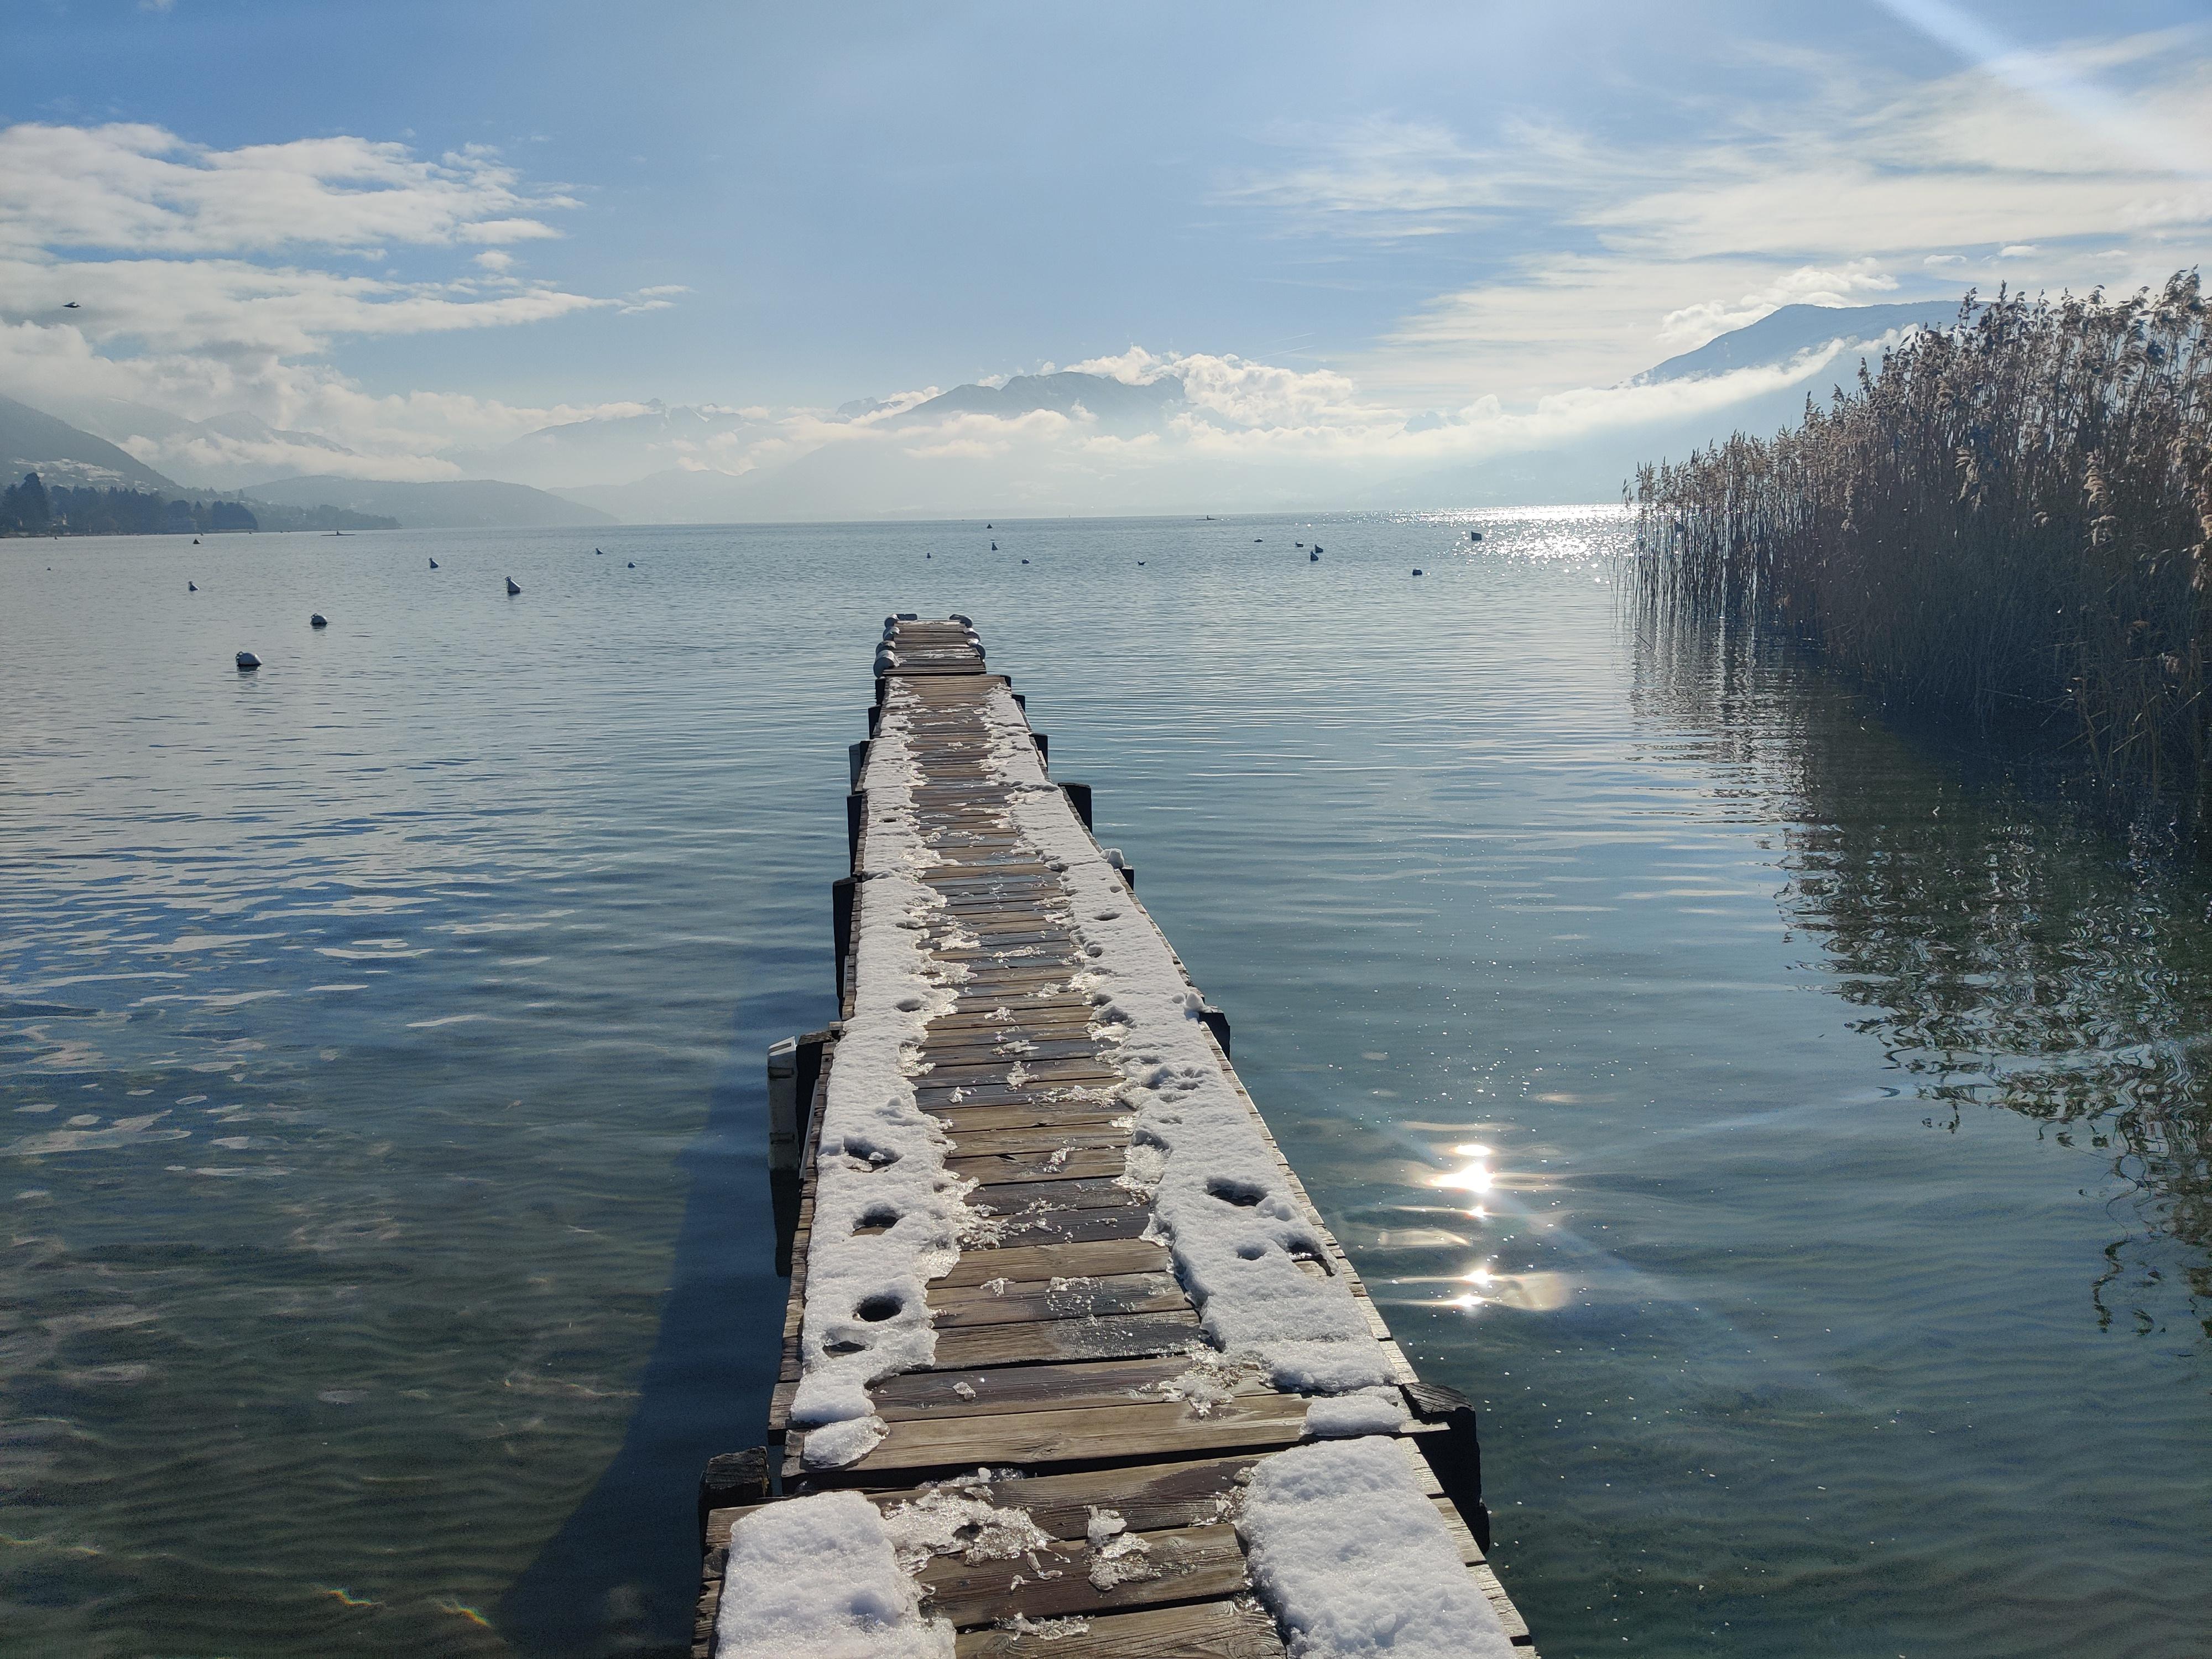 Annecy Mysweethome infinite pontoon